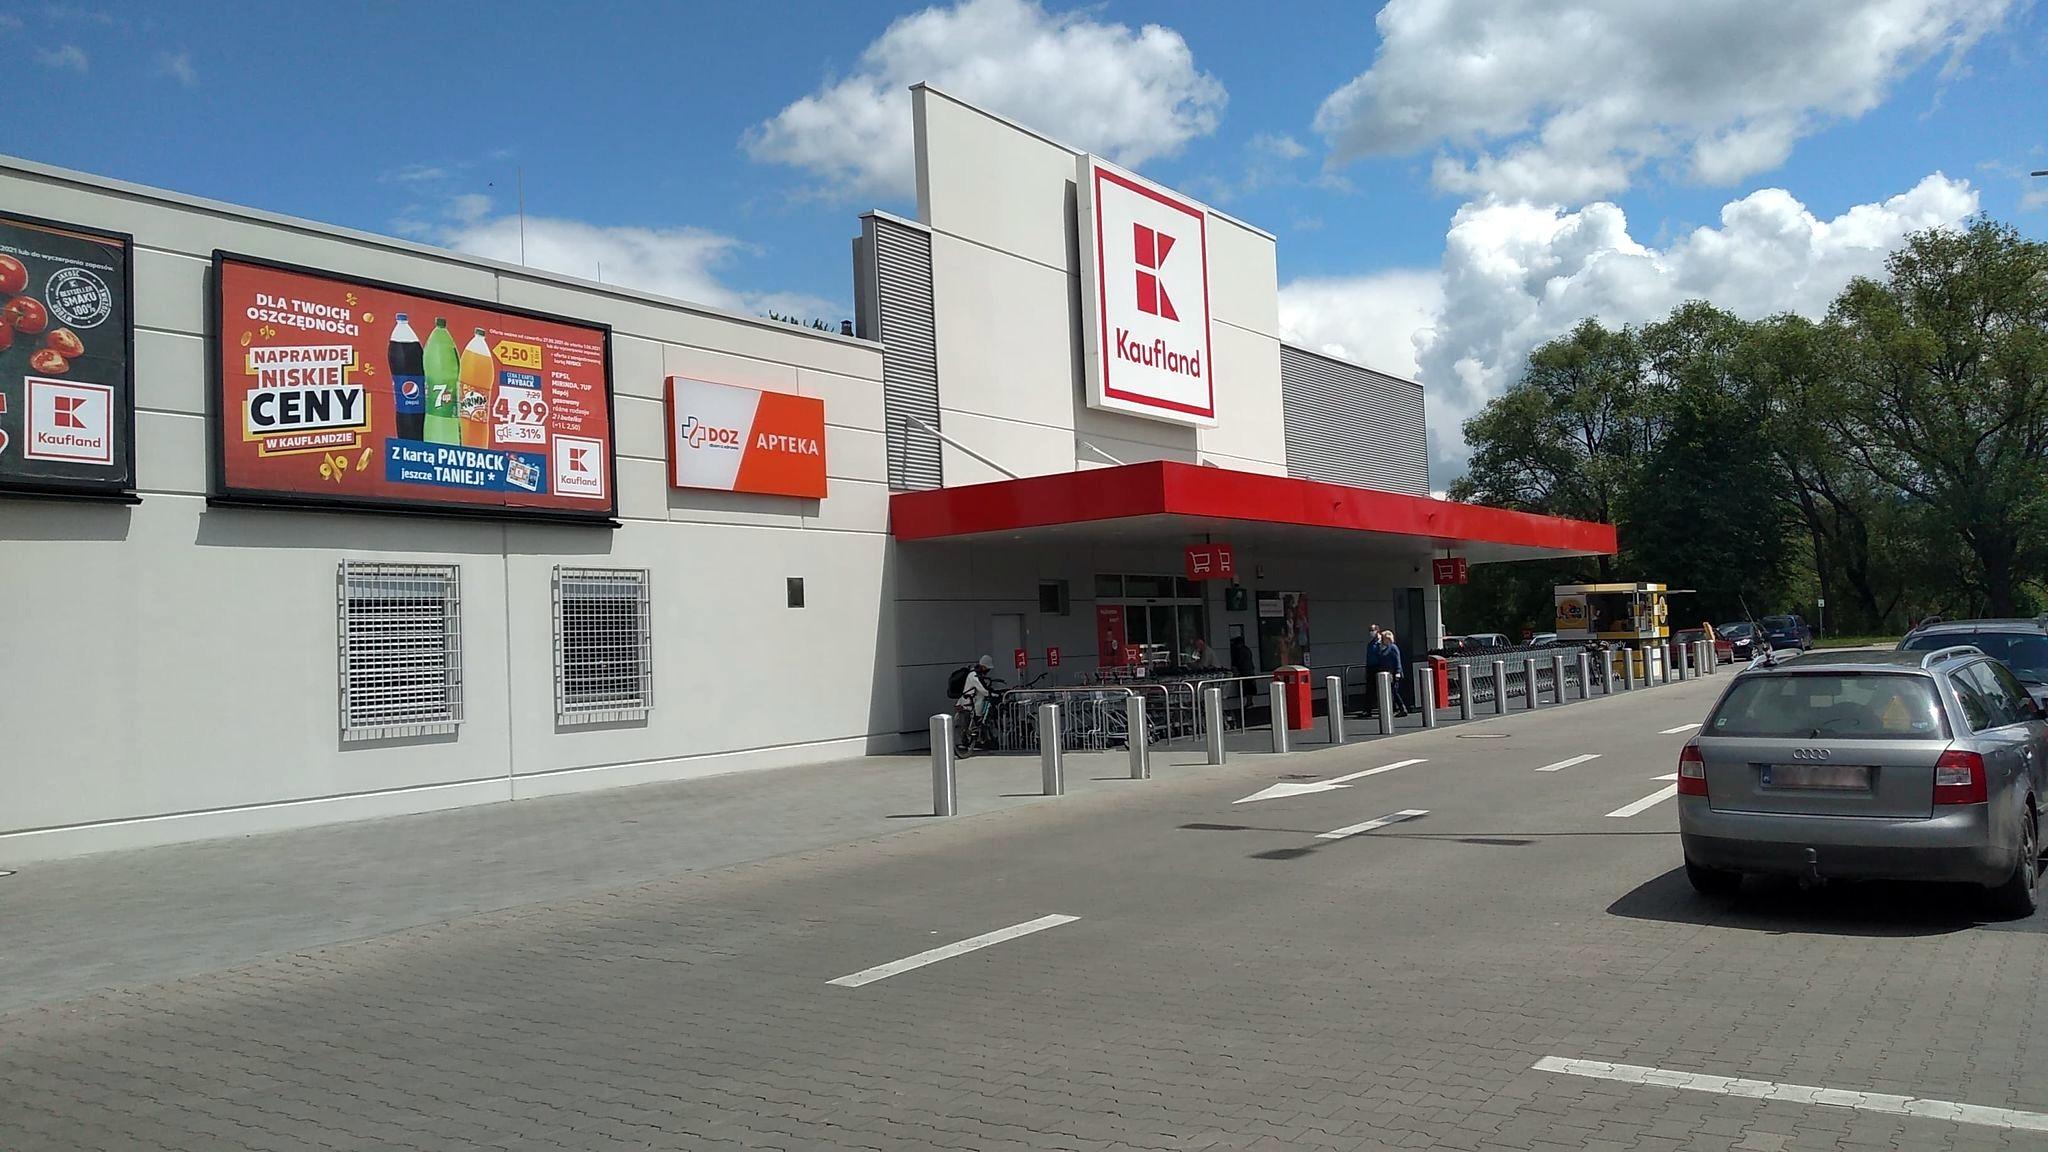 Usługi pocztowe we wszystkich sklepach Kaufland. Market będzie czynny w każdą niedzielę! - Zdjęcie główne